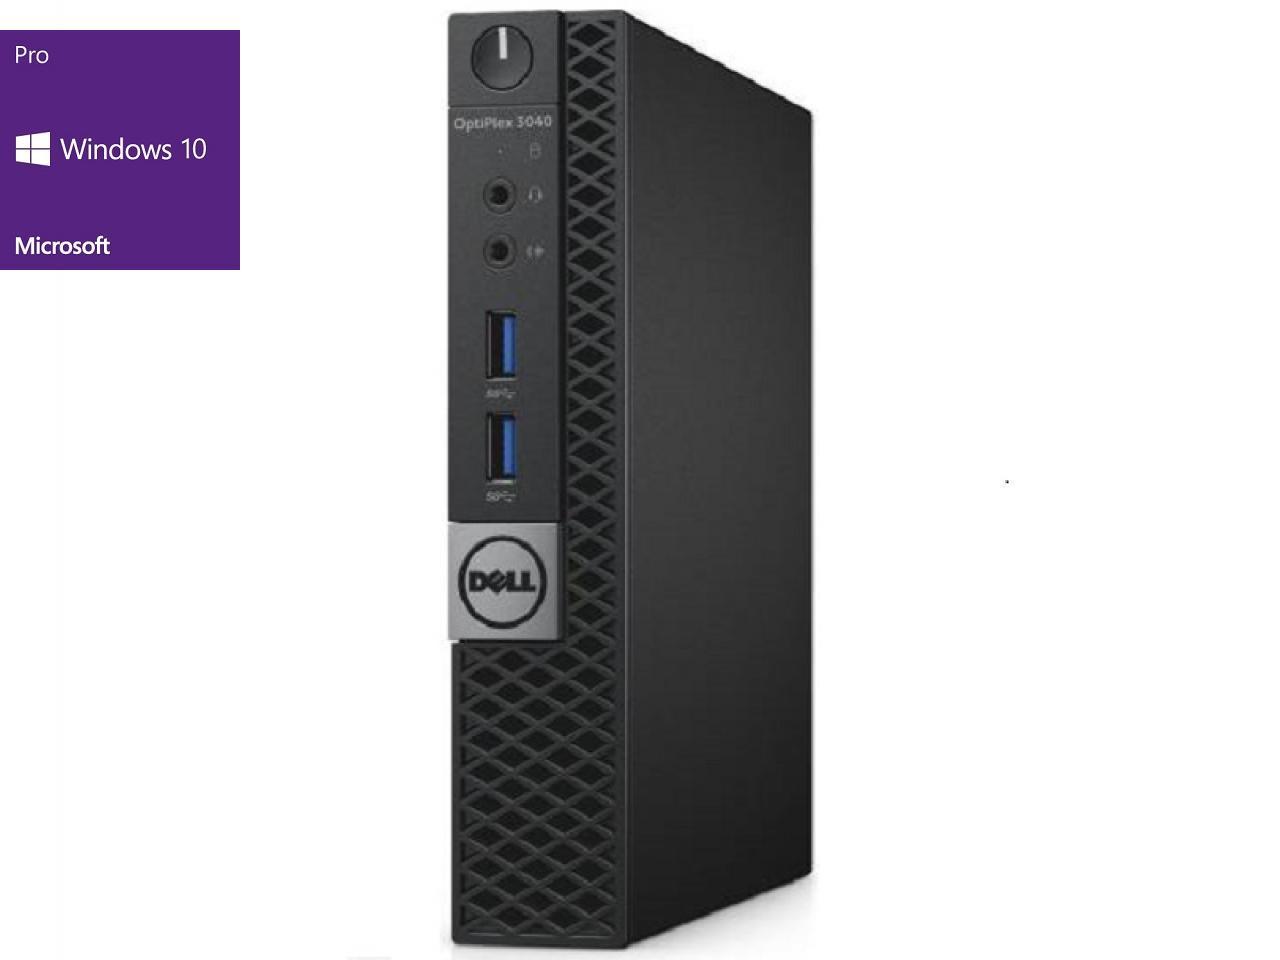 Dell OptiPlex 3040 MP  - shop.bb-net.de